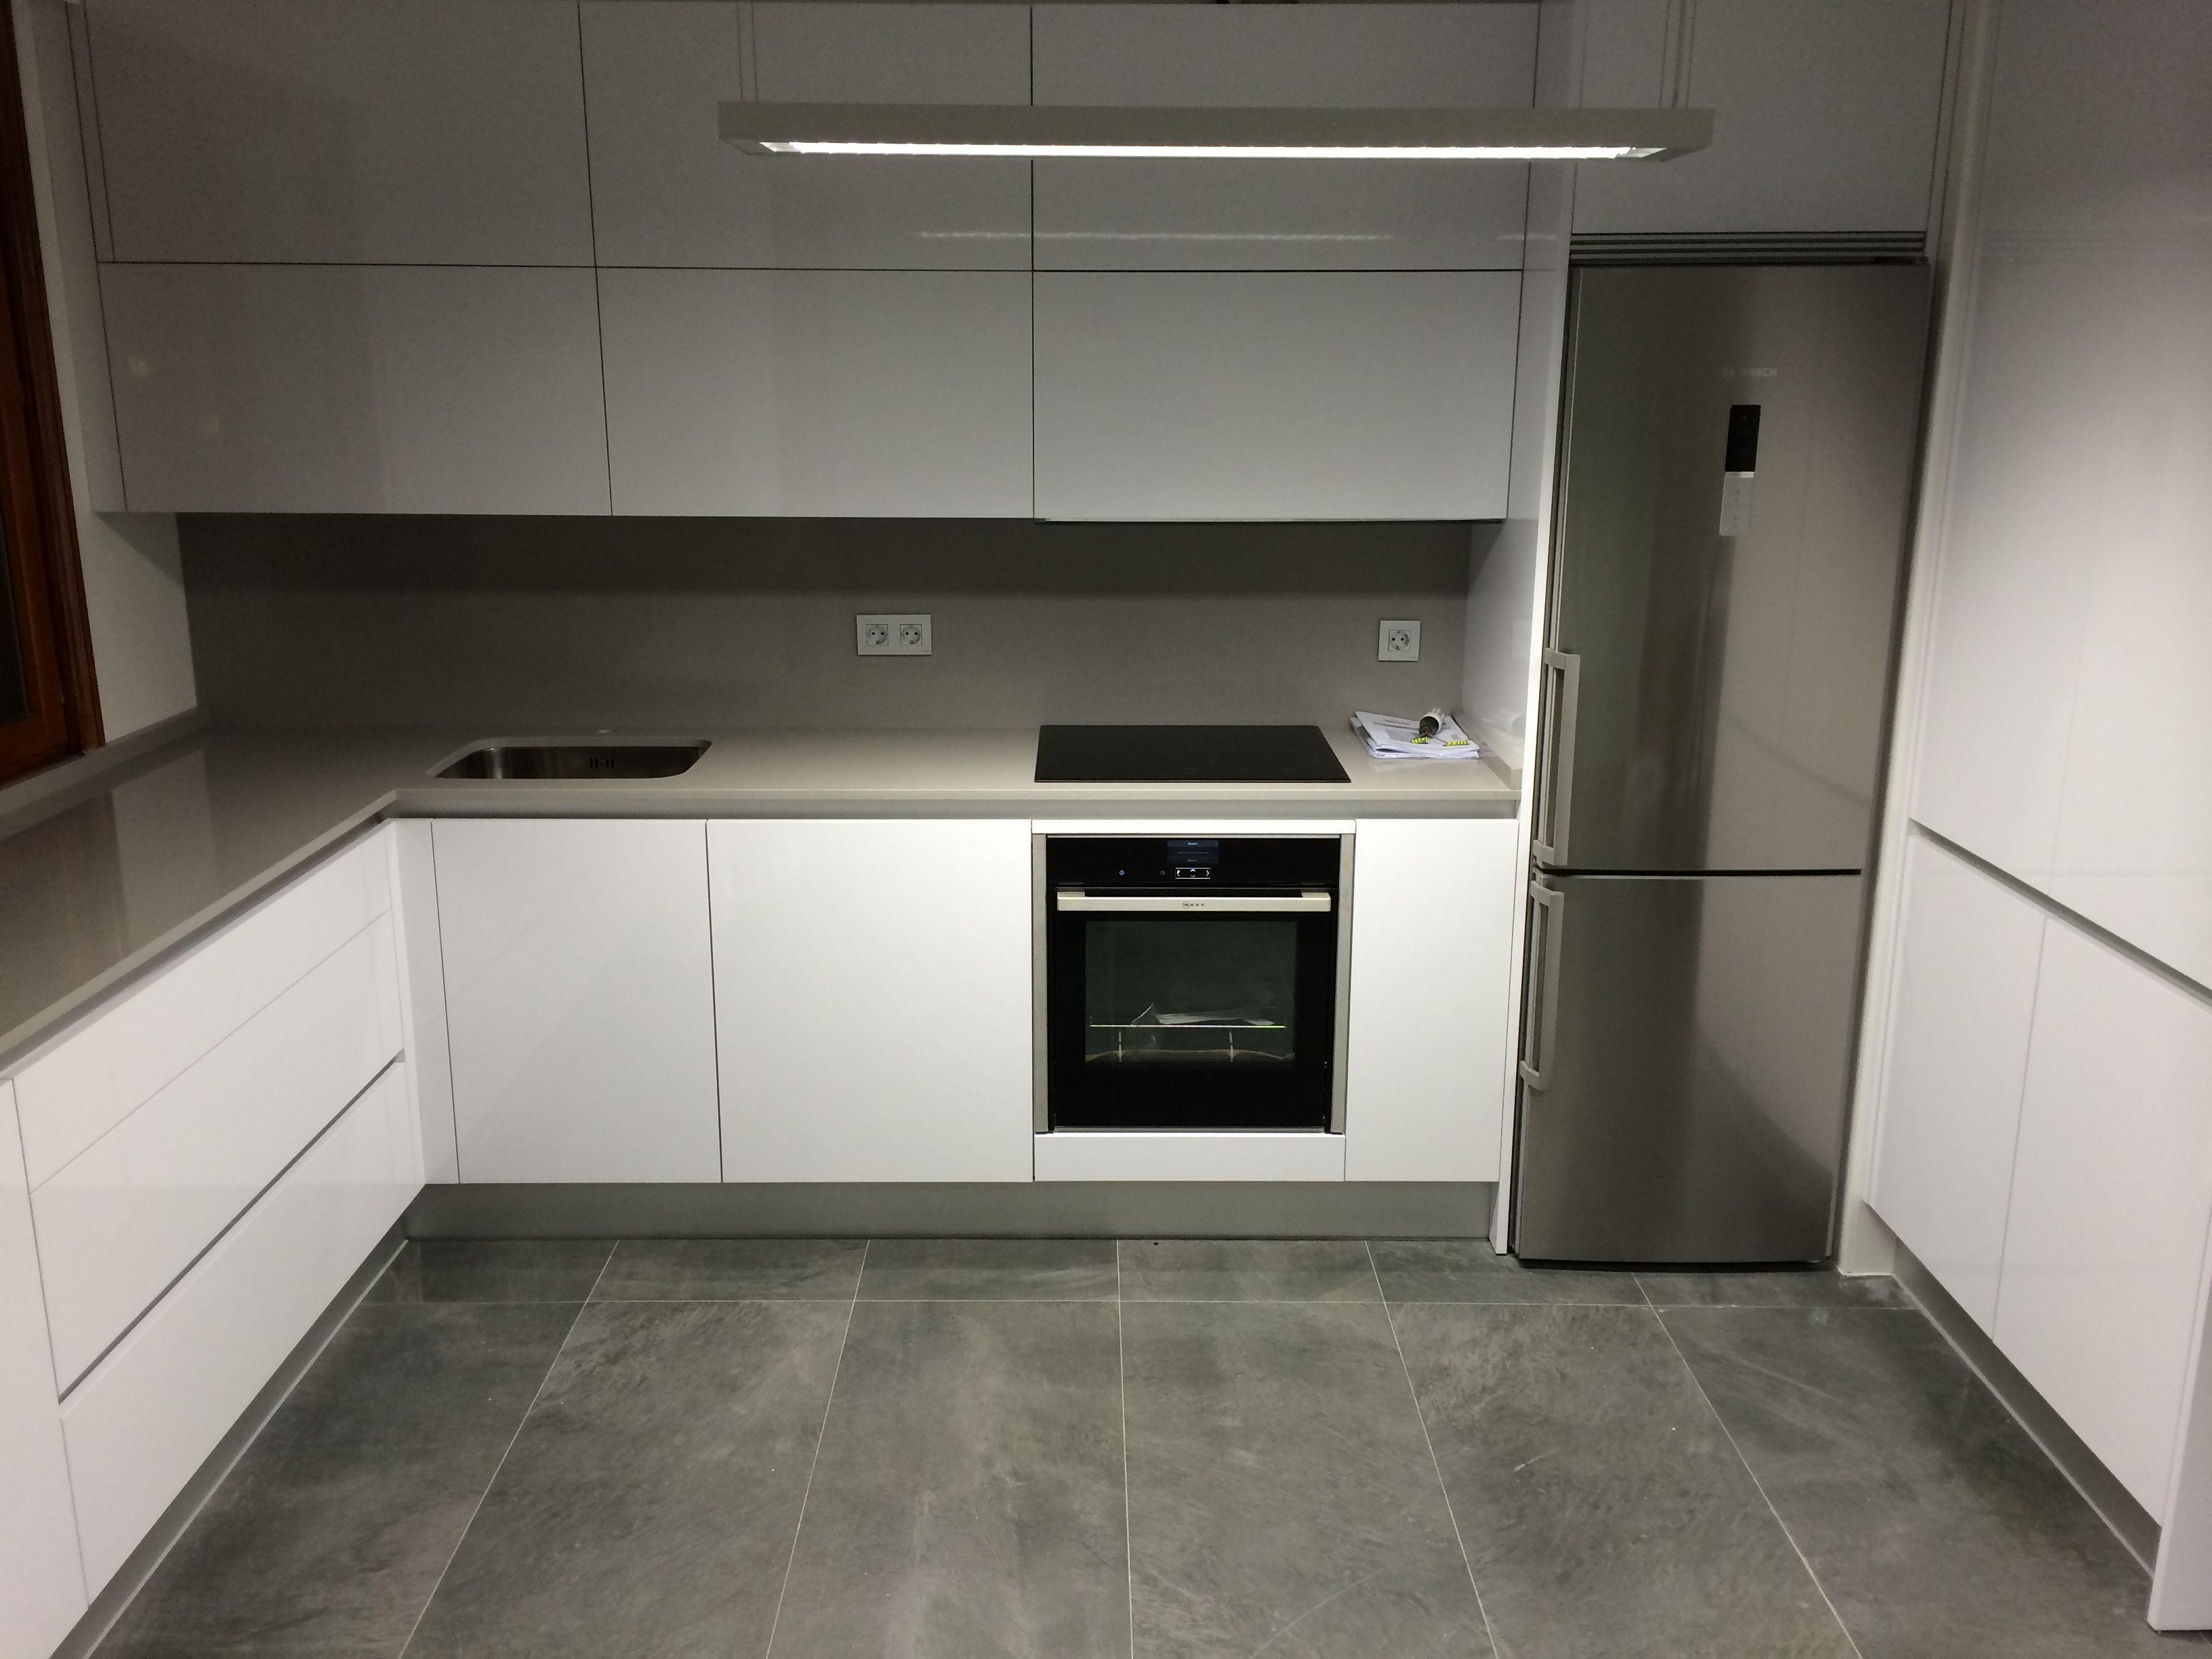 Cocina moderna blanca y solo gris oscuro cocinas for Cocinas blancas y grises